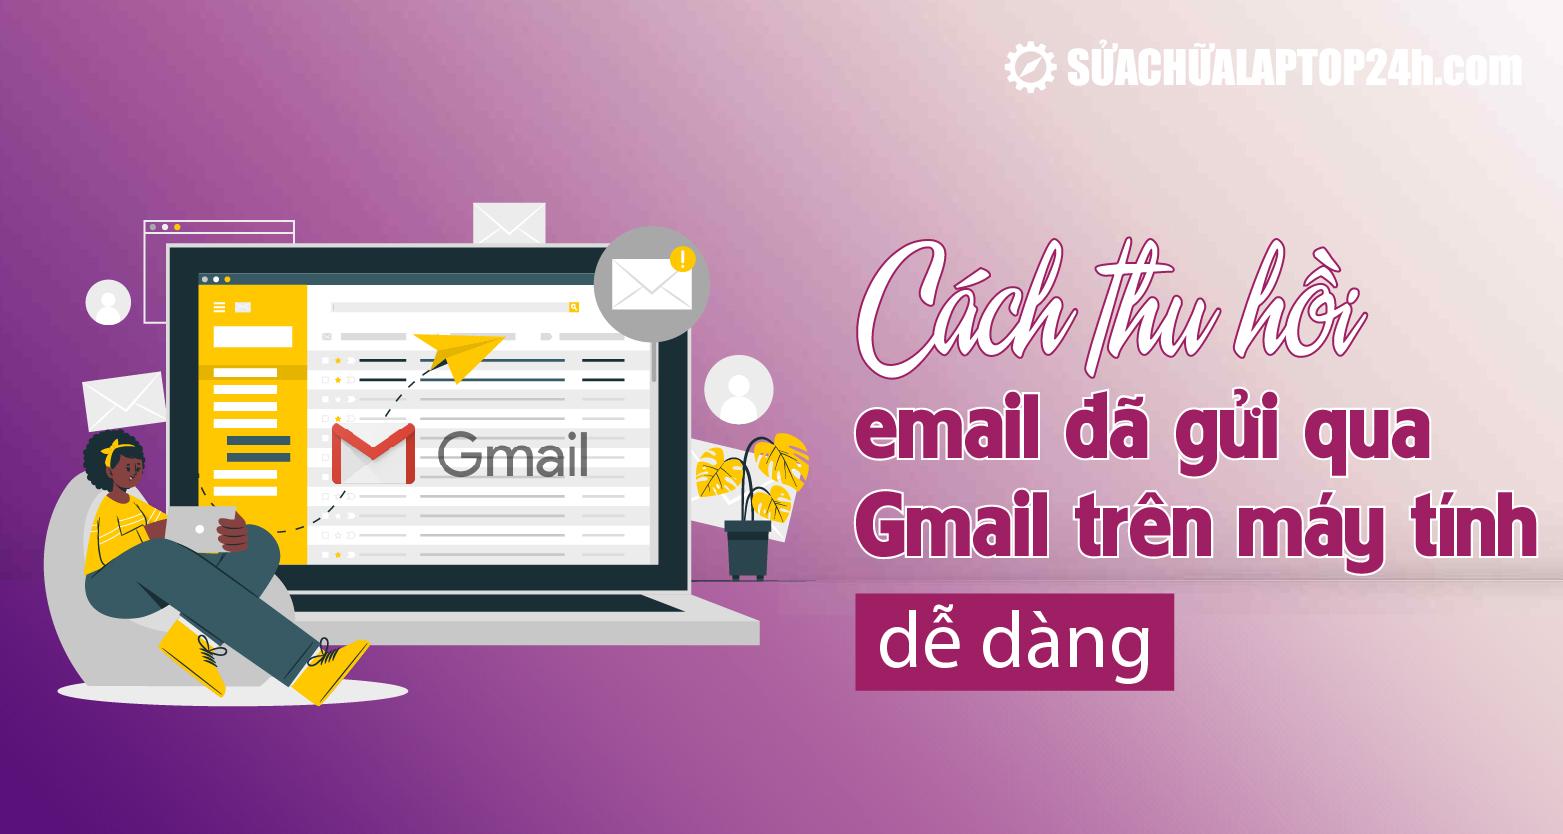 Thu hồi email đã gửi qua Gmail một cách dễ dàng